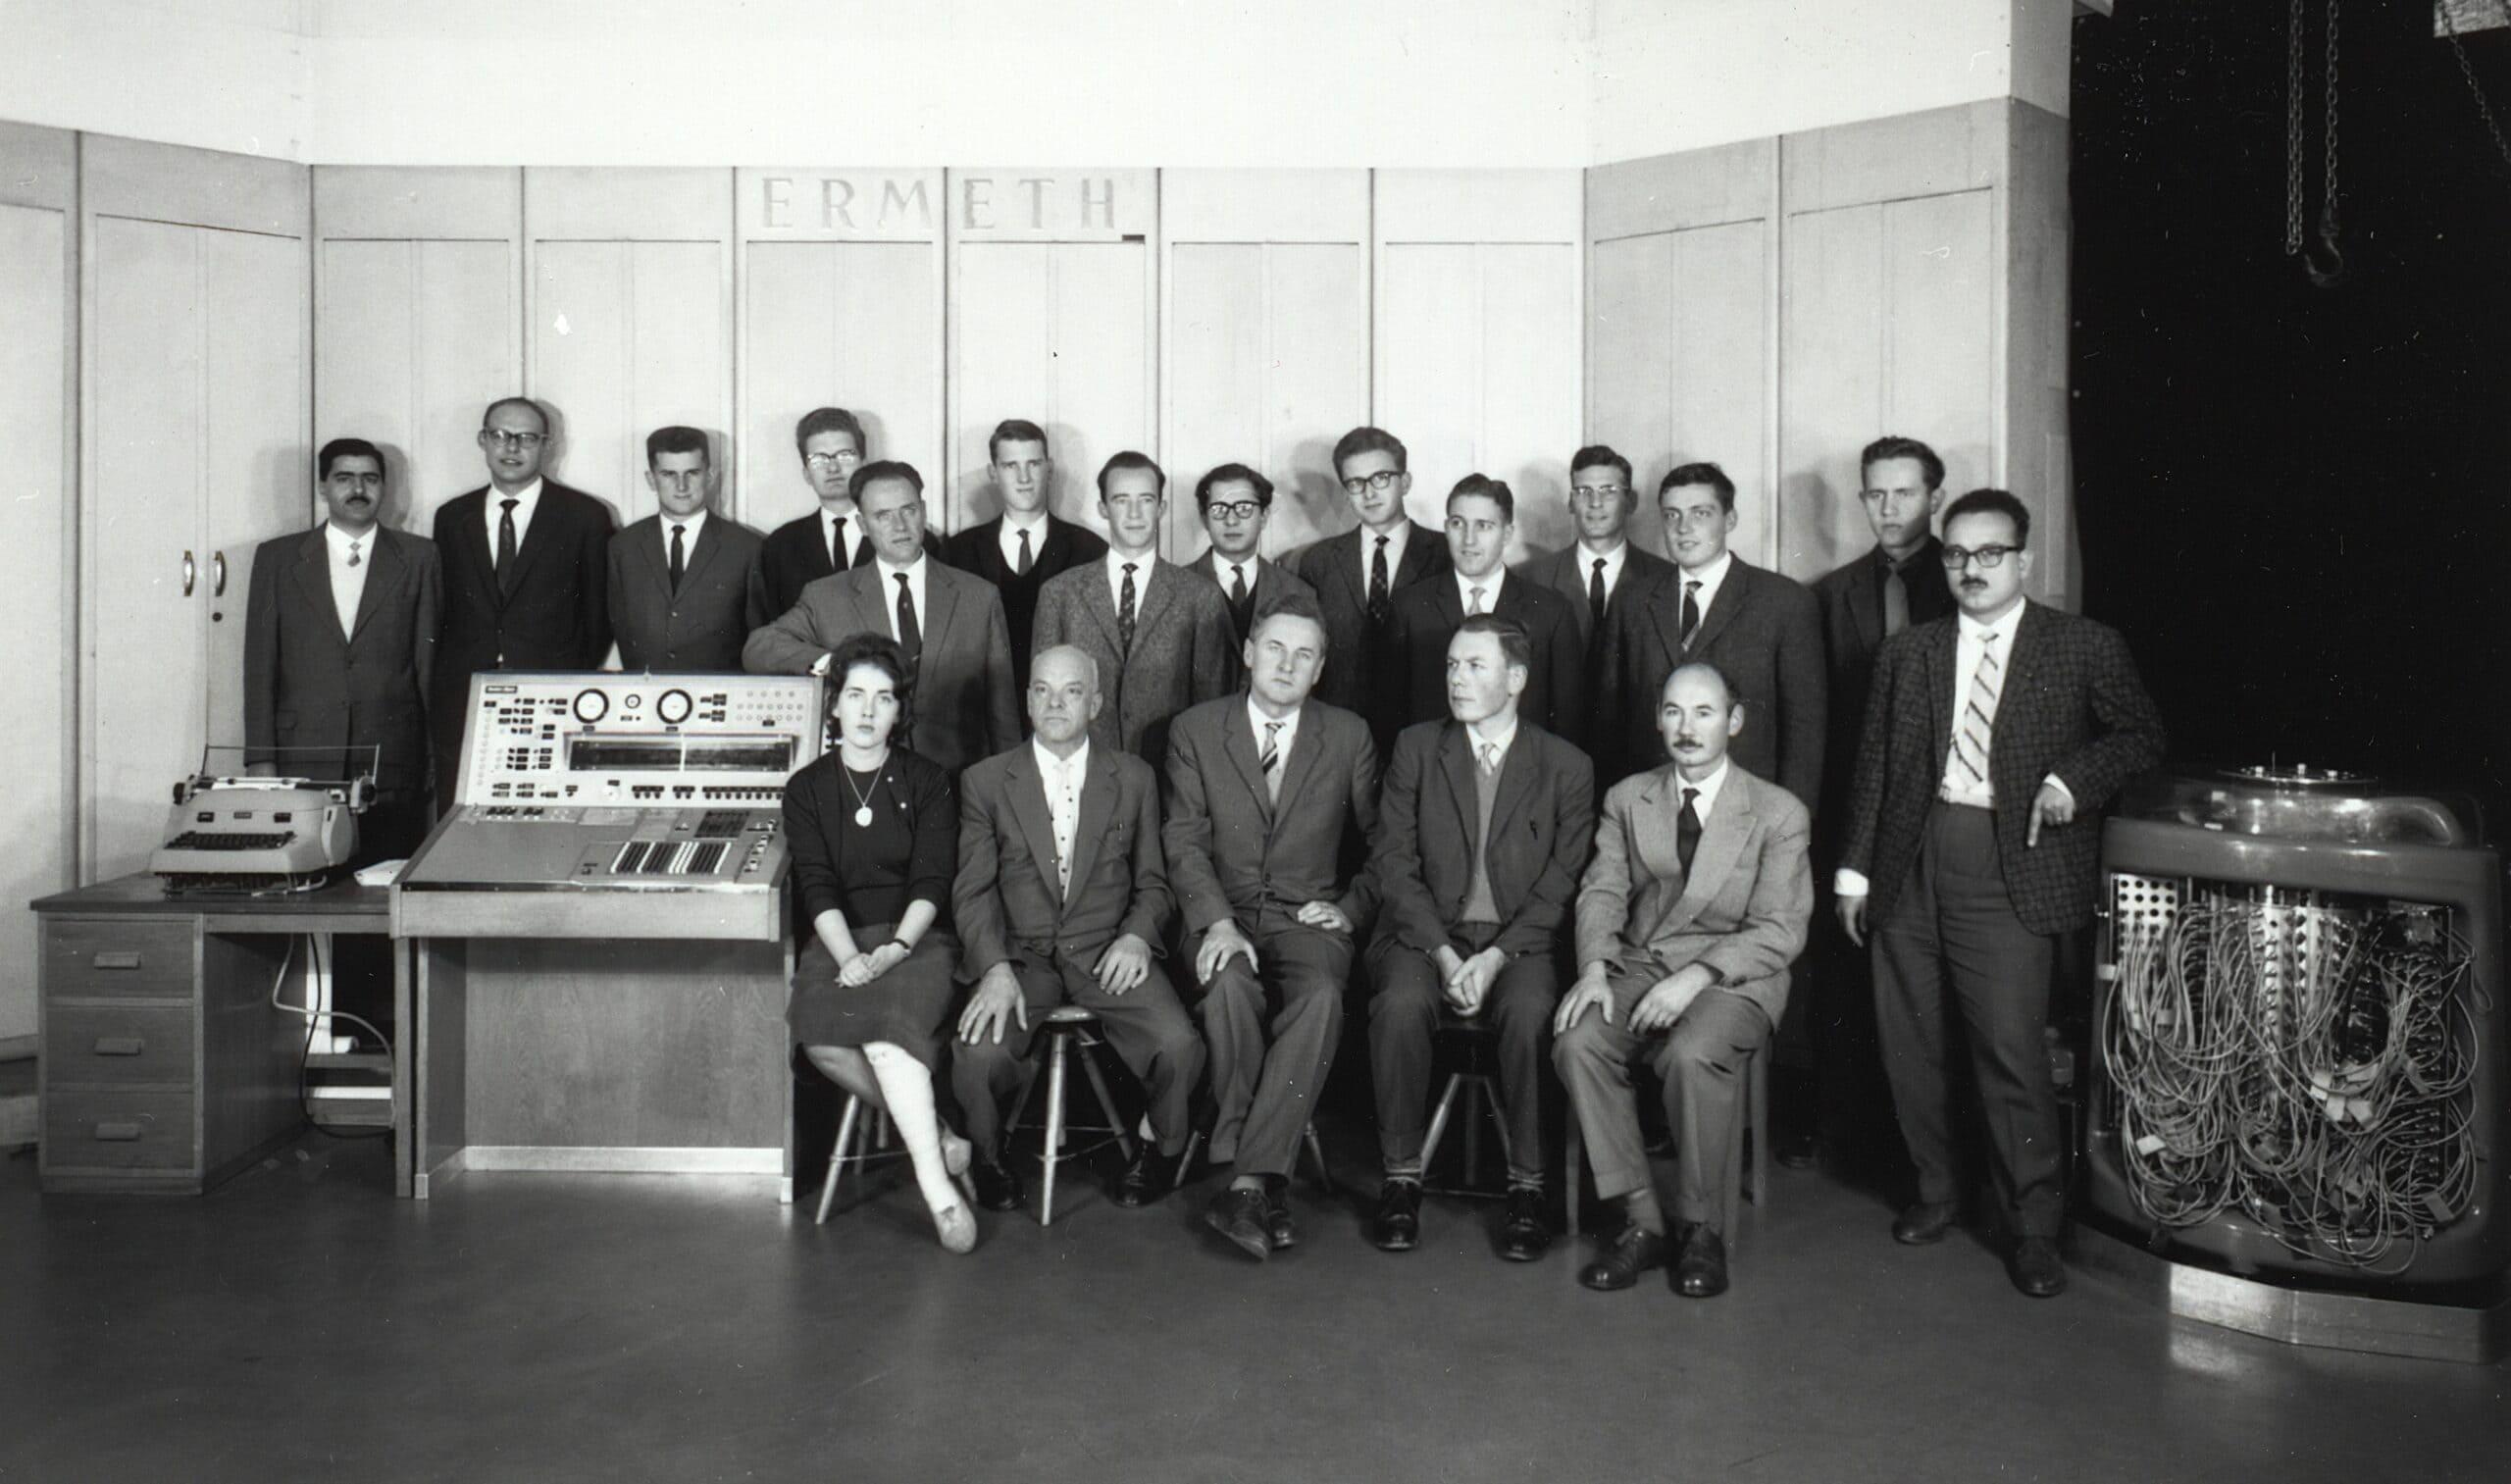 Die Crew des Institut für angewandte Mathematik posiert vor der ERMETH, 1963. Stehend von links: Boutros, Gantenbein, Stofer, Siklossy, Stiefel, Rössler, Waldvogel, Koutroufiotis, Szigeti, Schwarz, Schai, Zehnder, Ganz, Amer; sitzend von links: Meier, Schär, Rutishauser, Läuchli, Amman. Rechts im Bild der durchzugempfindliche Trommelspeicher. Quelle: Bildarchiv ETH-Bibliothek, Zürich.